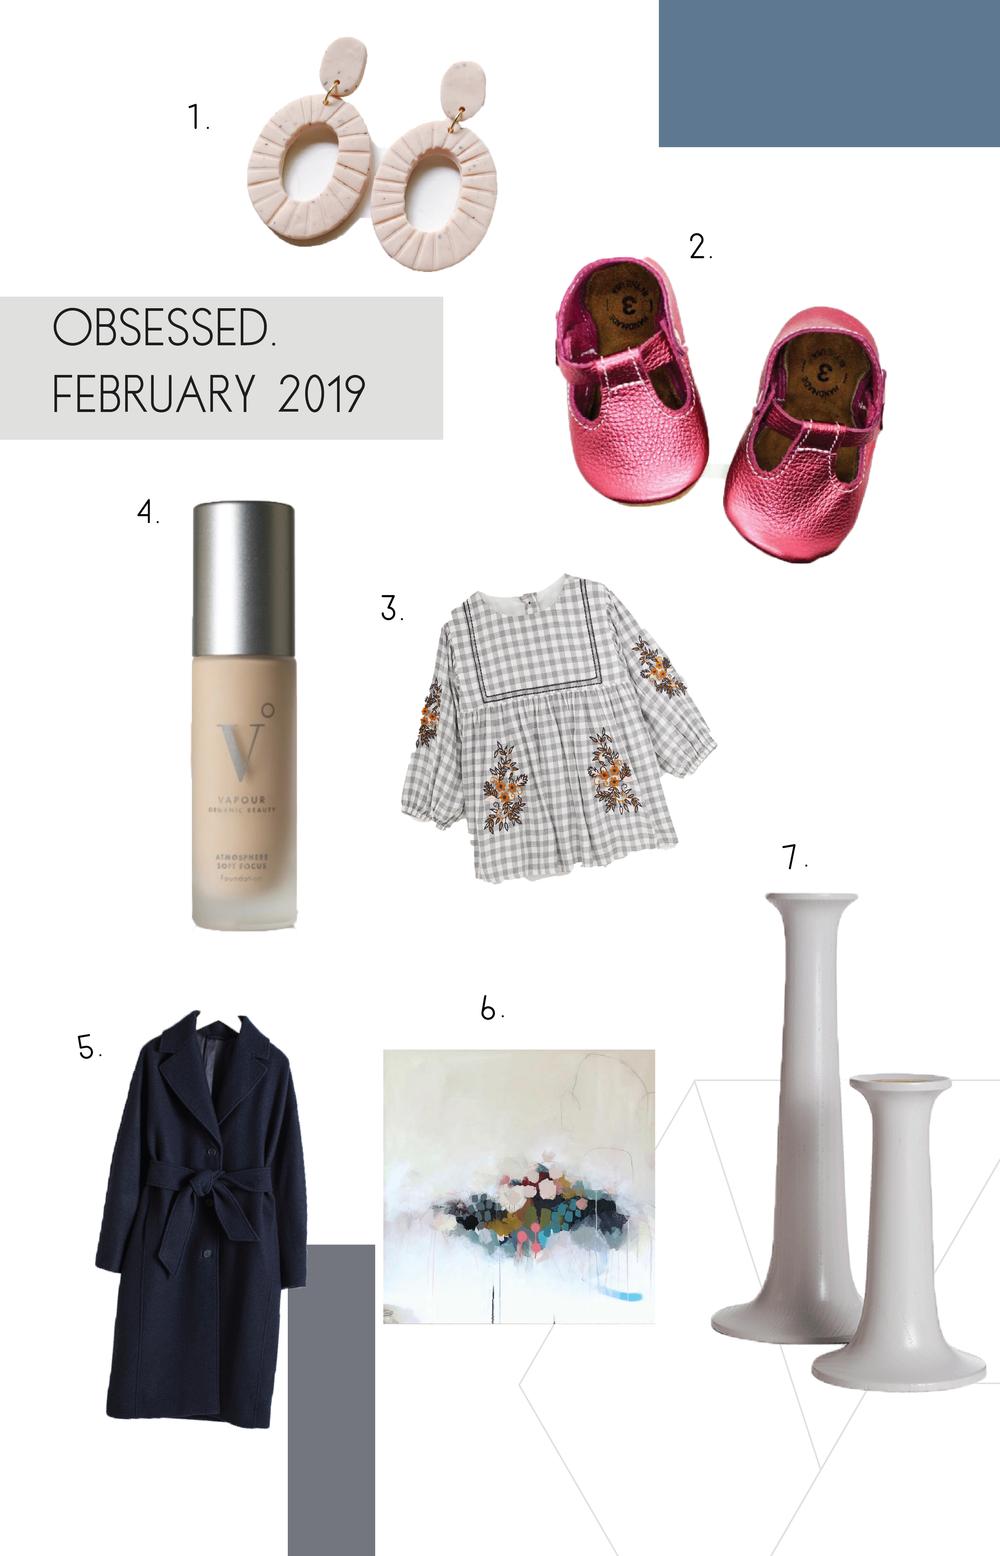 ec_obsessed feb 19-02.png